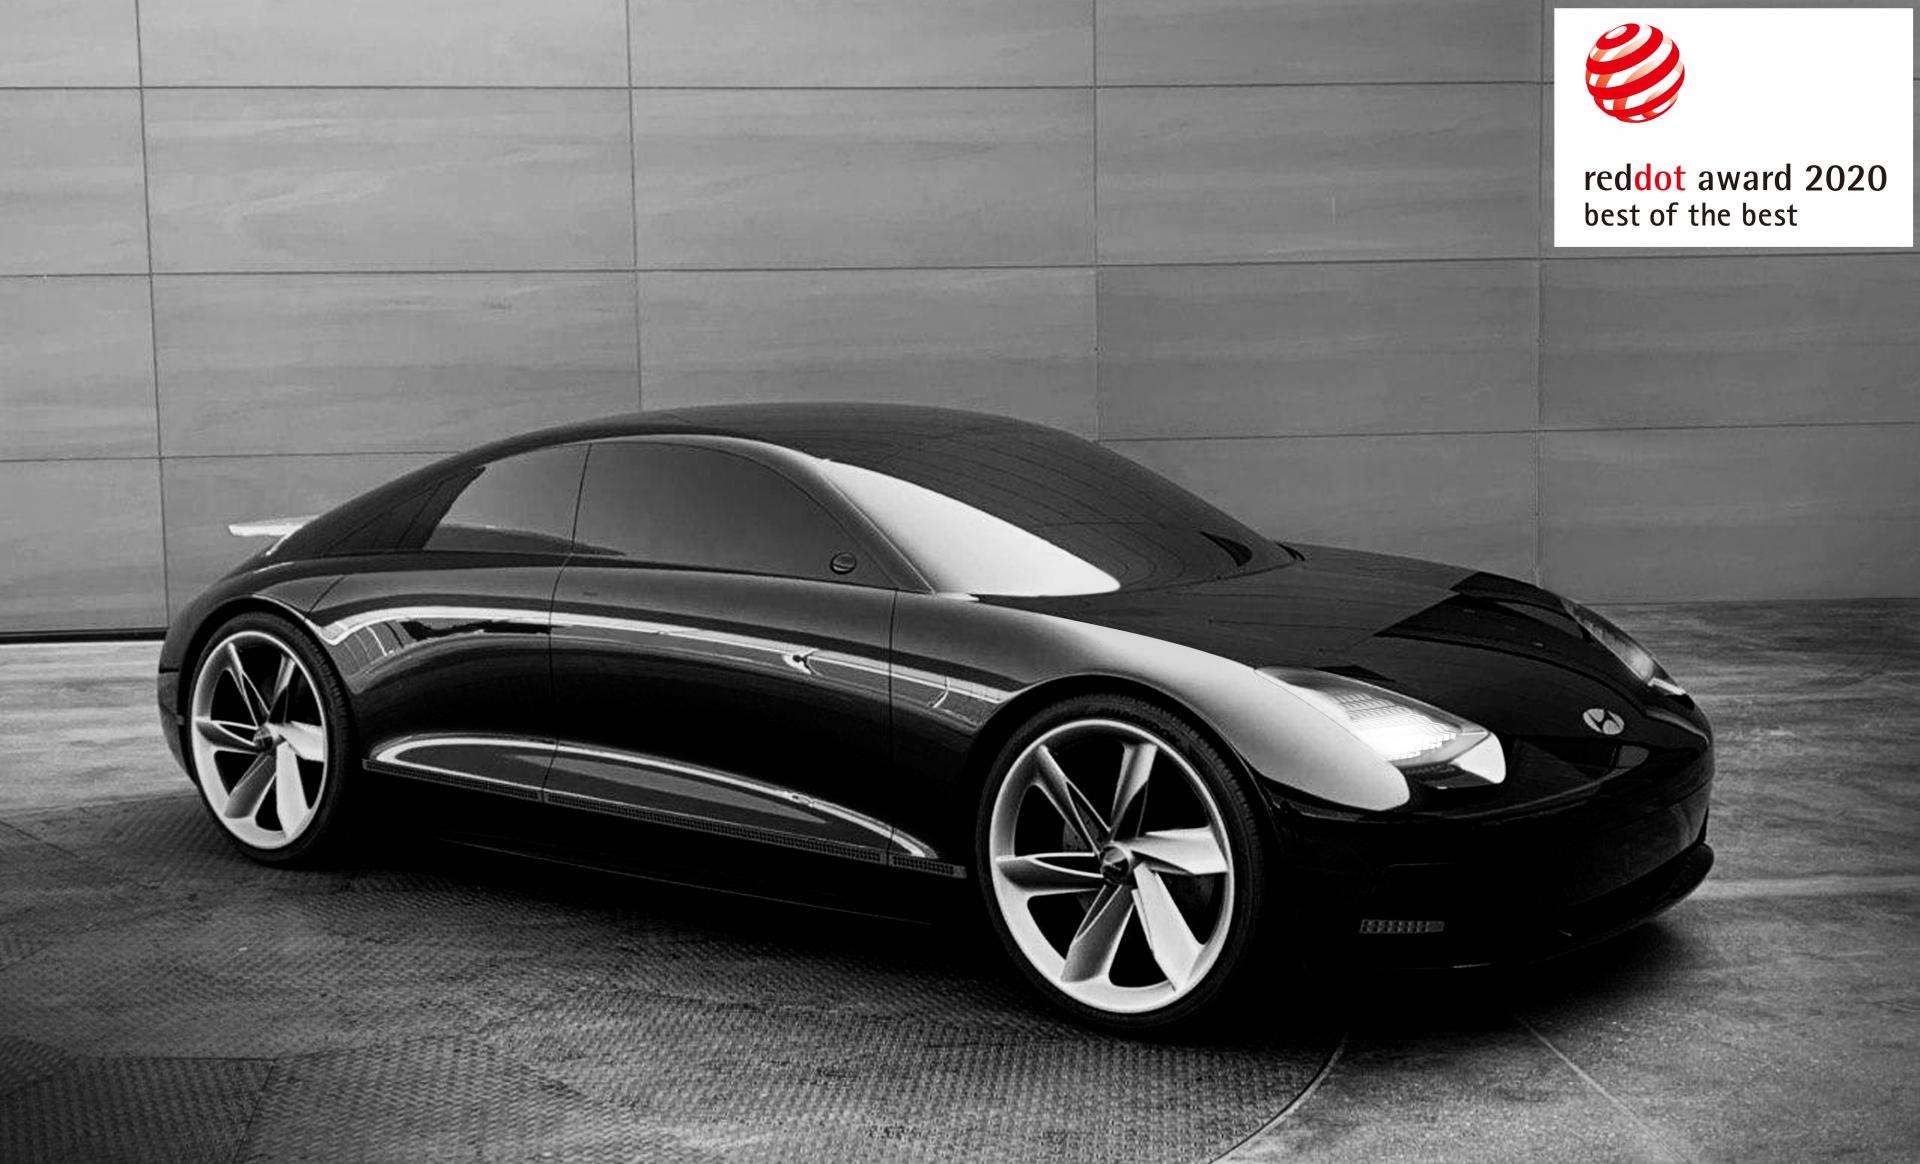 Компанія Hyundai Motor отримала три нагороди Red Dot Award 2020 за концептуальний дизайн | Олимп Мотор - фото 14